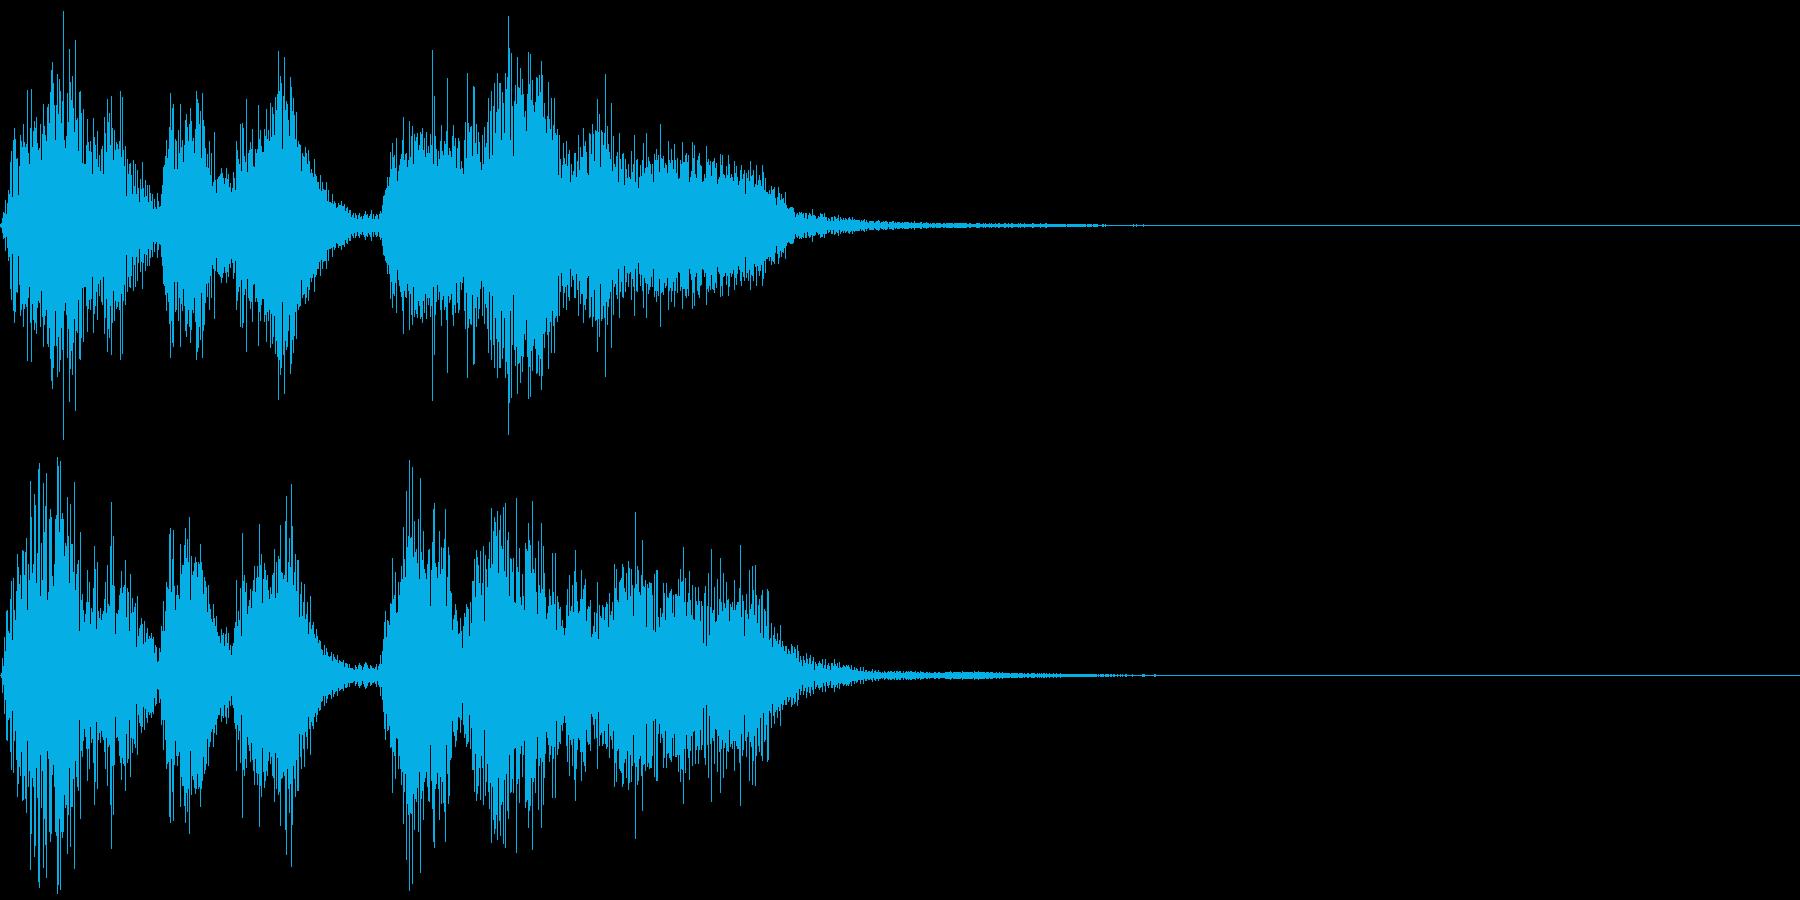 パパパパッパパー(トランペット)の再生済みの波形